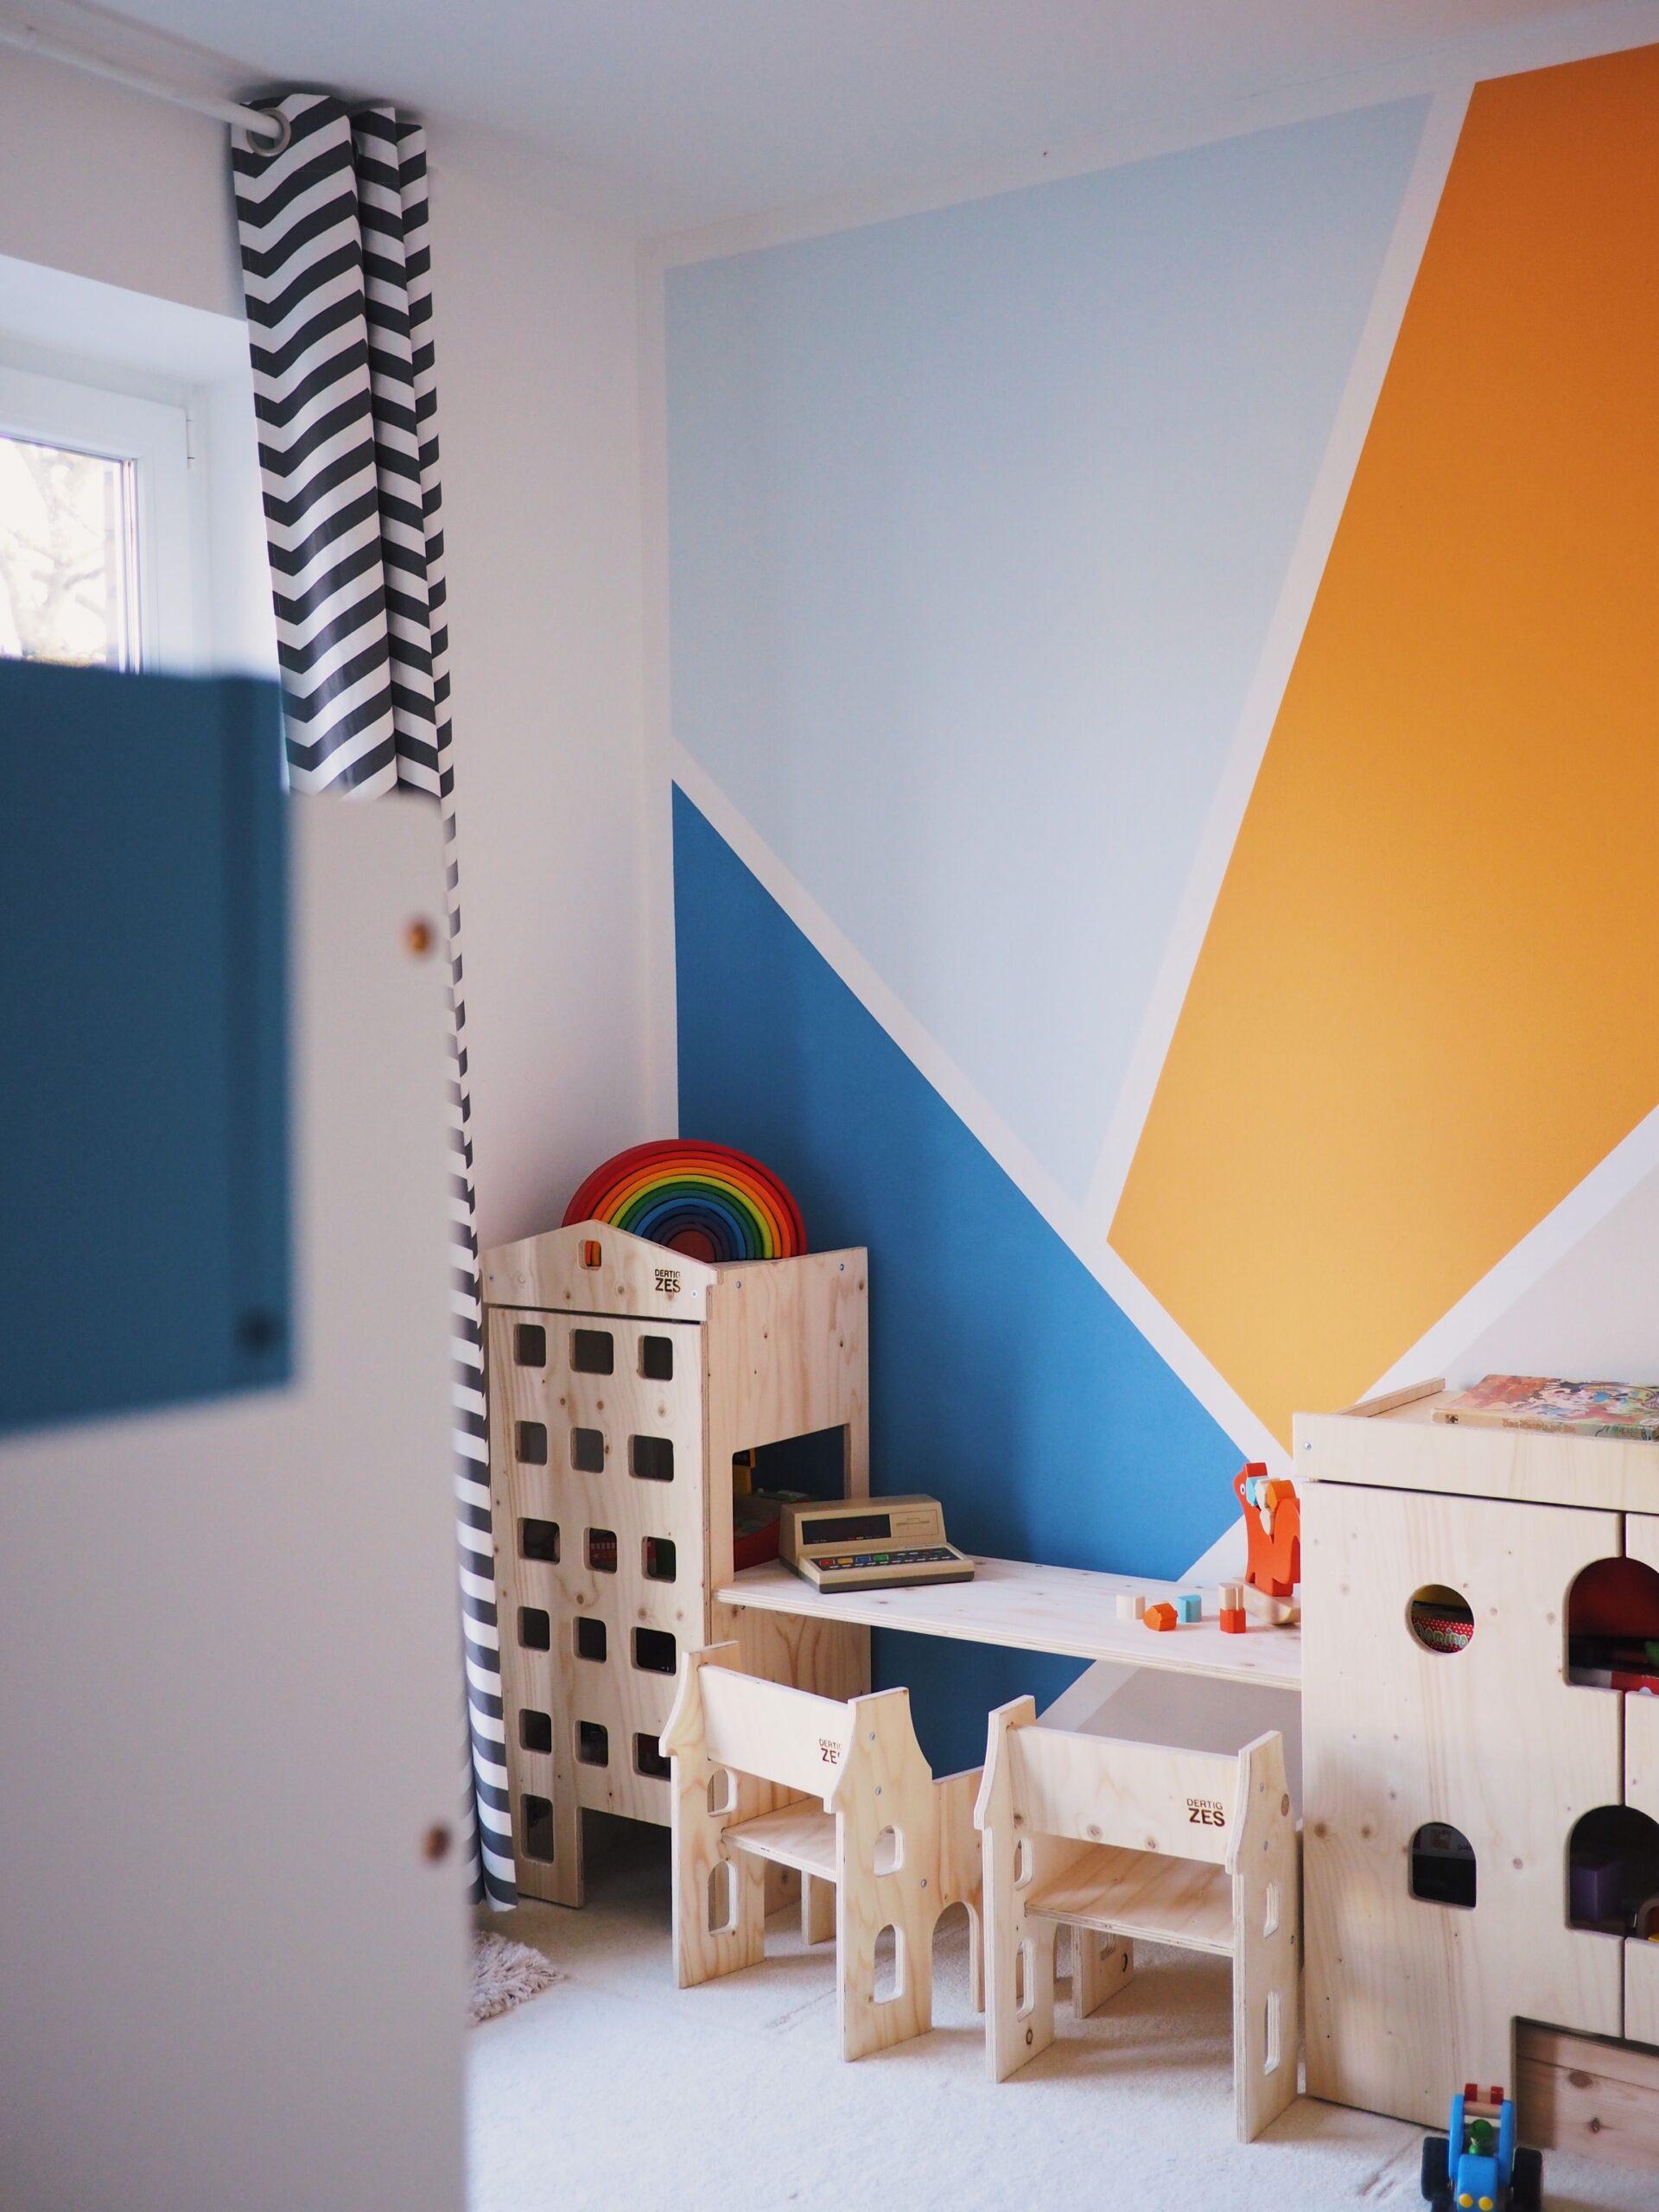 Full Size of Wandgestaltung Kinderzimmer Jungen Im Eine Kunterbunte Regale Regal Sofa Weiß Wohnzimmer Wandgestaltung Kinderzimmer Jungen